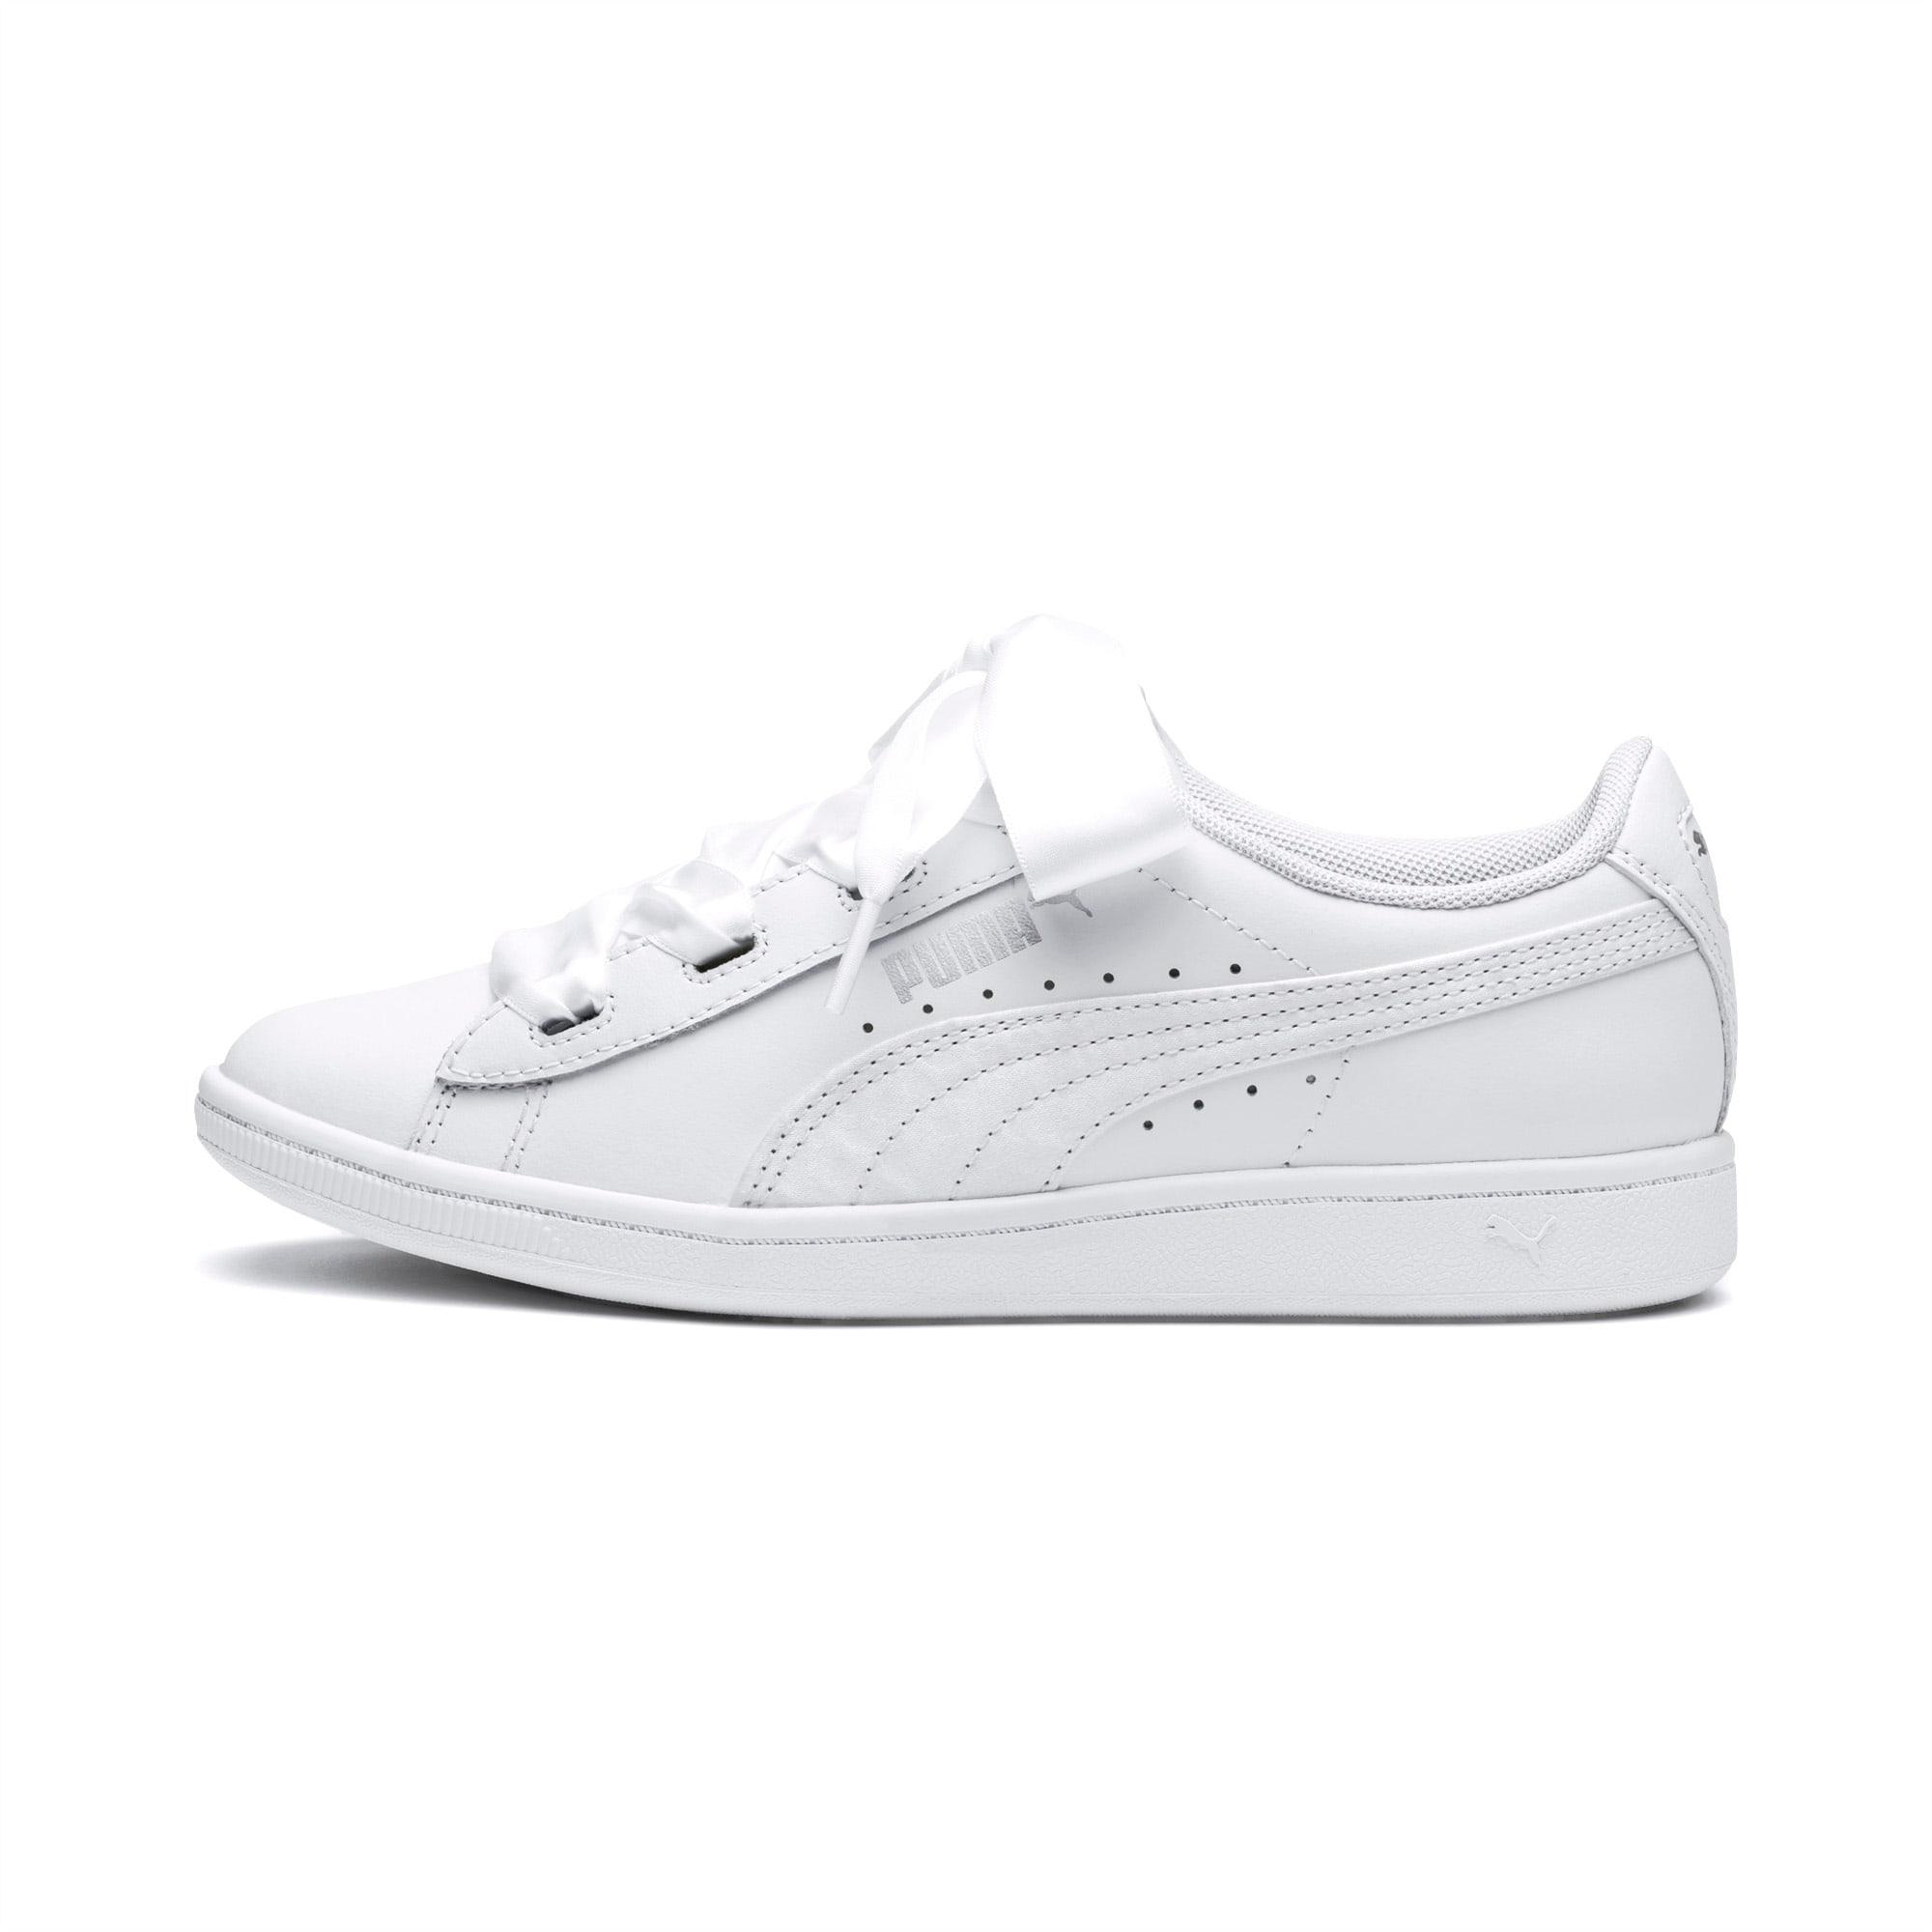 PUMA Vikky Ribbon Satin Sneakers JR